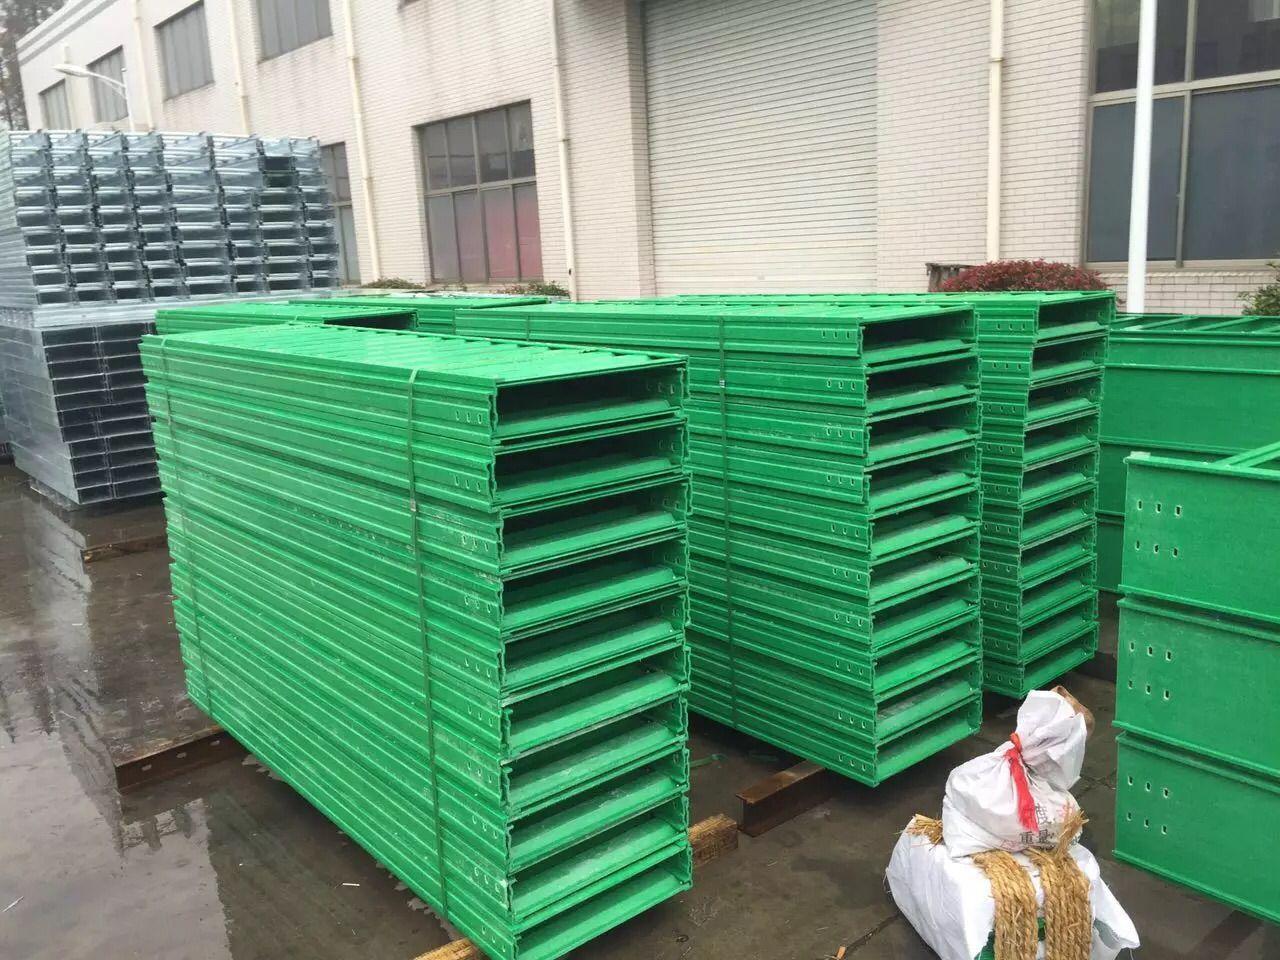 黑龙江专业定做不锈钢电缆桥架出售_24小时服务